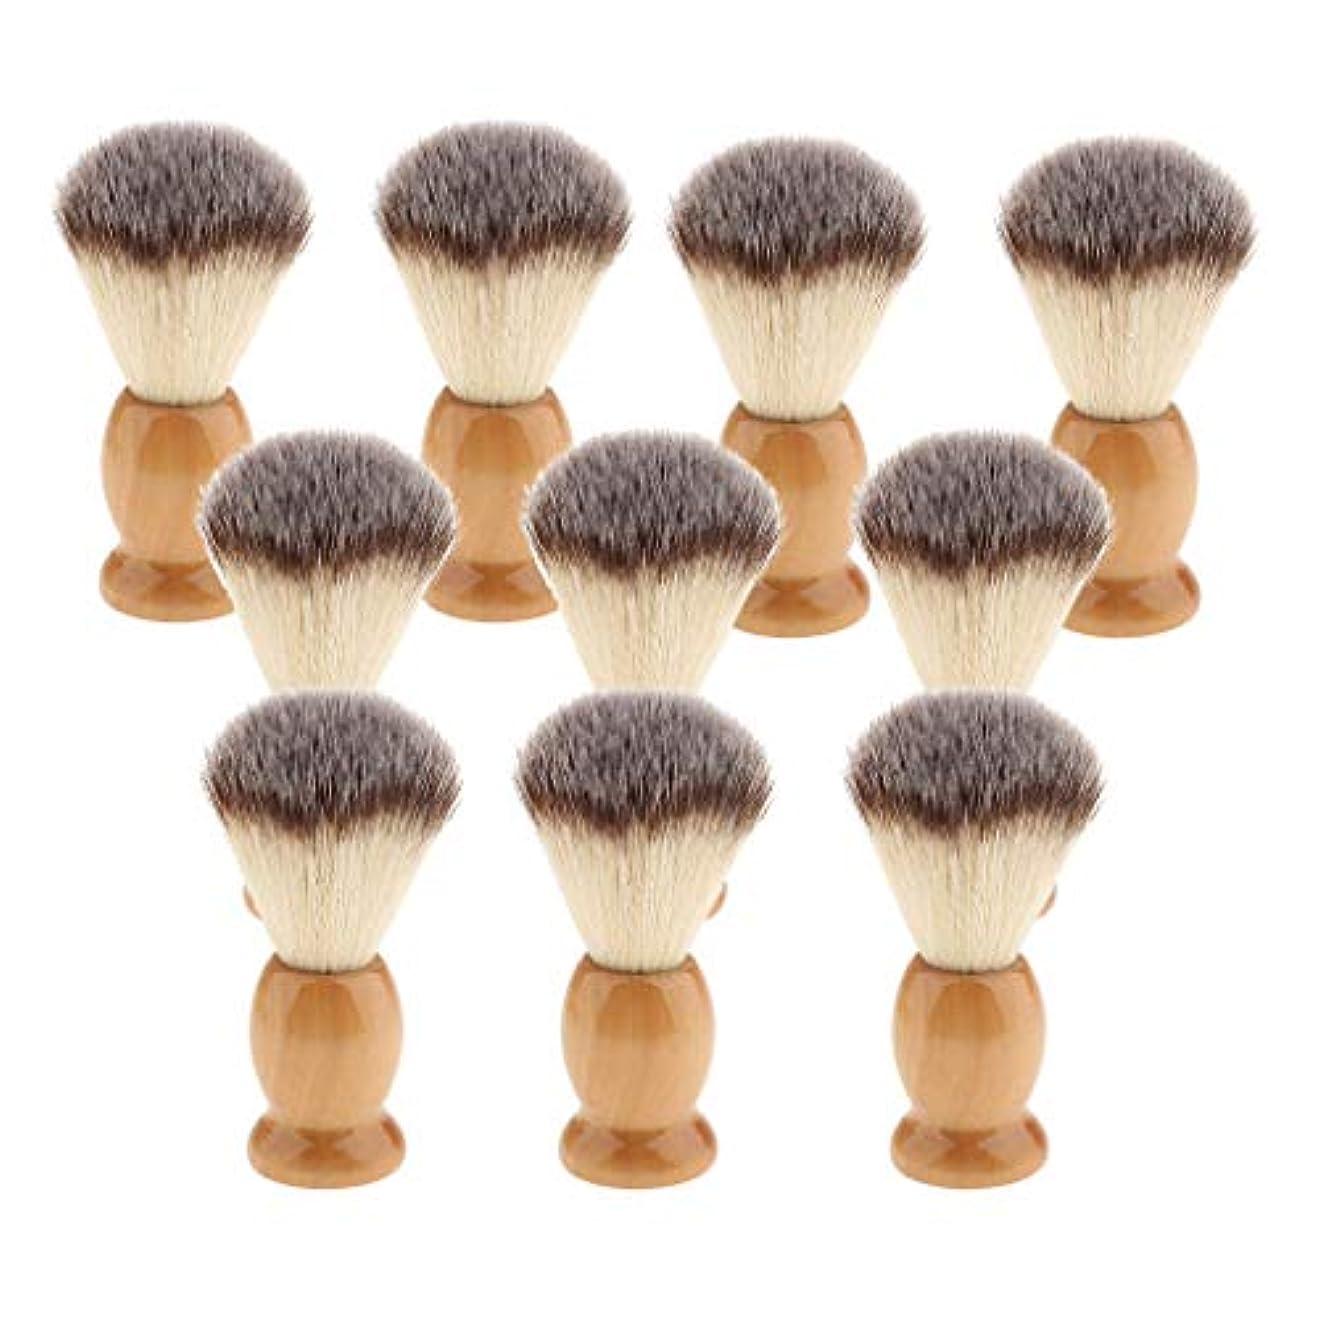 見通し計画本当のことを言うと10個 シェービングブラシ 男性 ひげ 口ひげ グルーミング シェービングツール 髭剃り